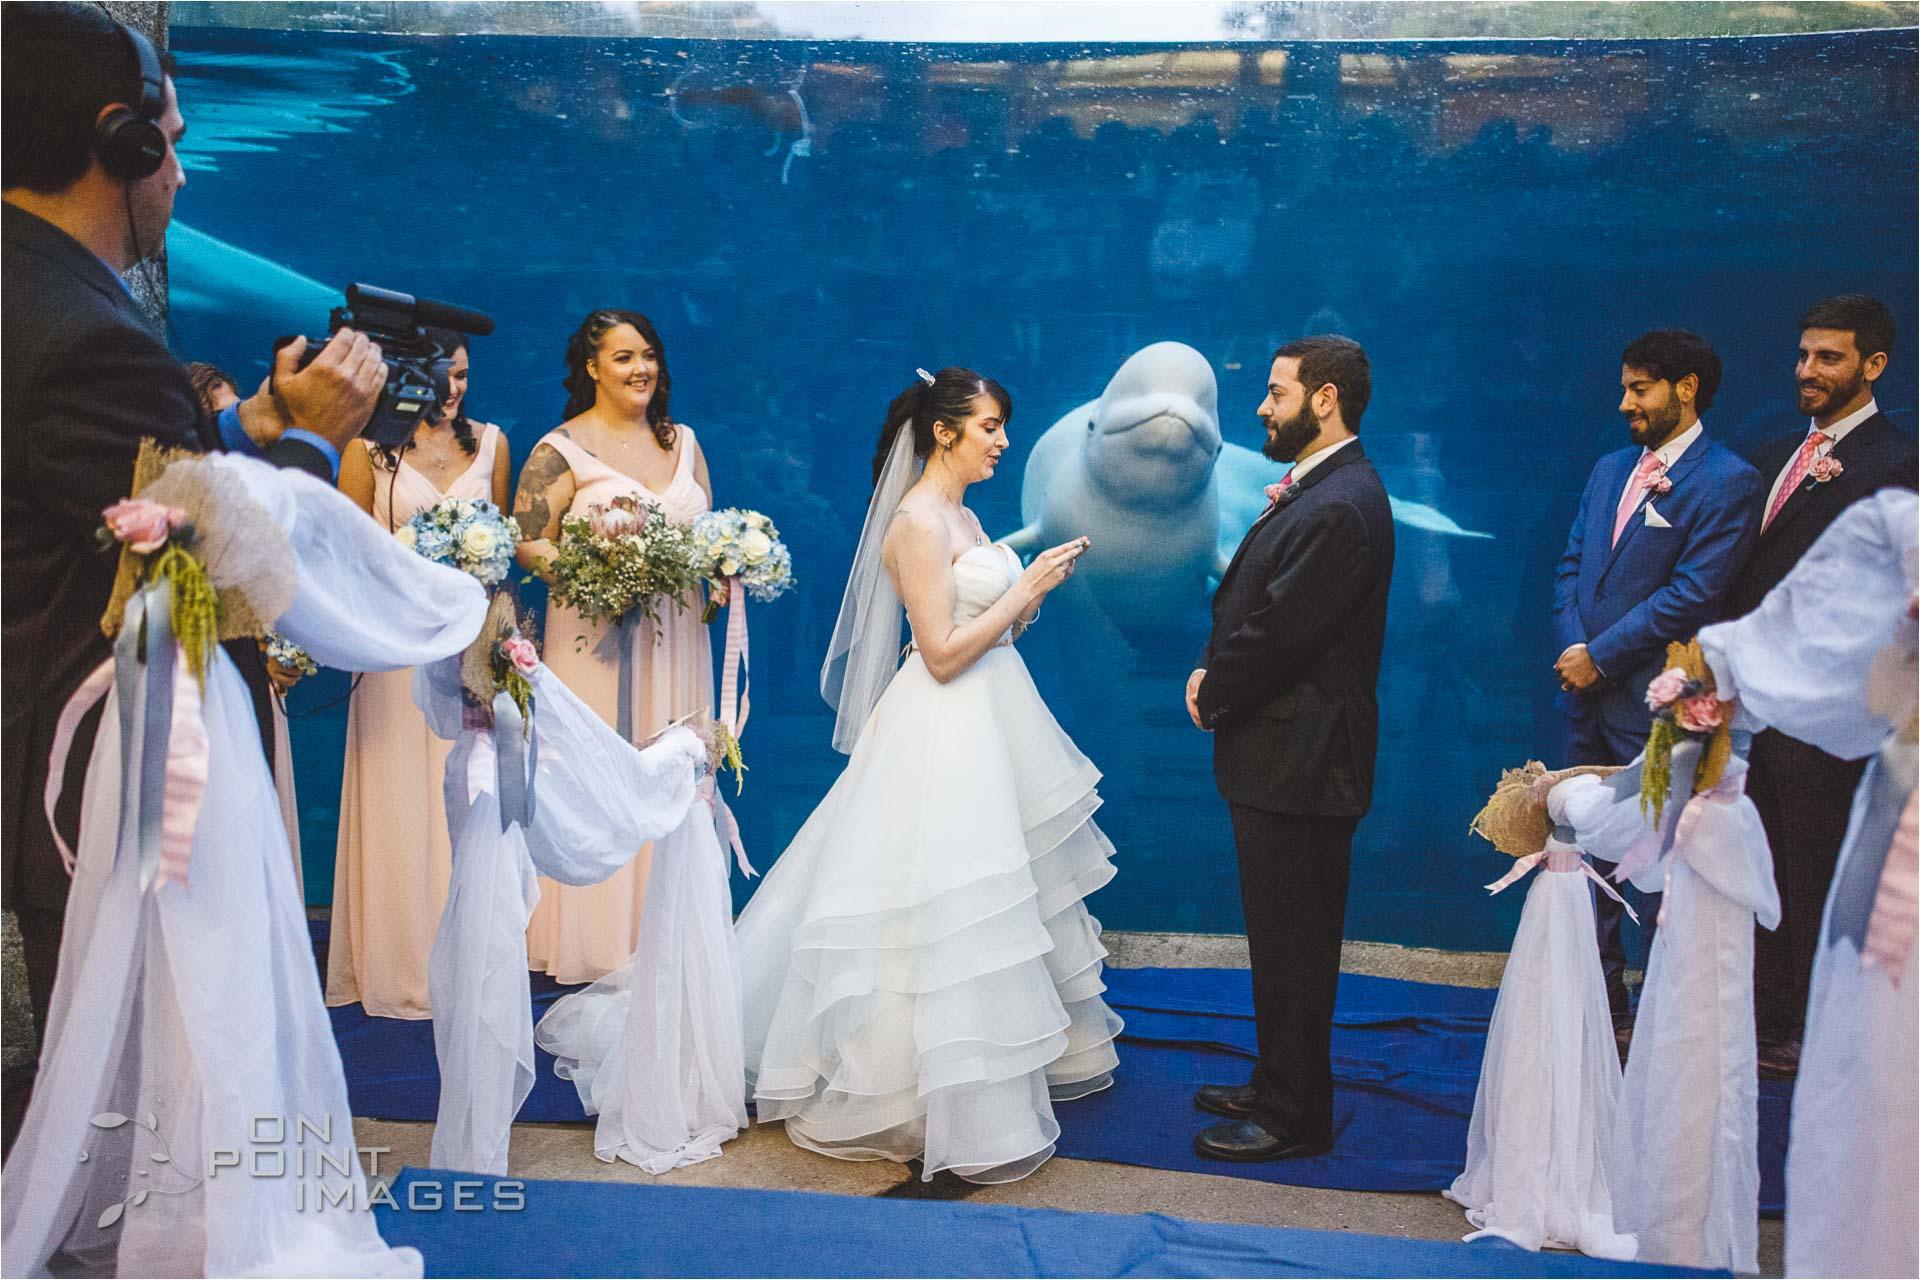 mystic-aquarium-wedding-photographs-24.jpg